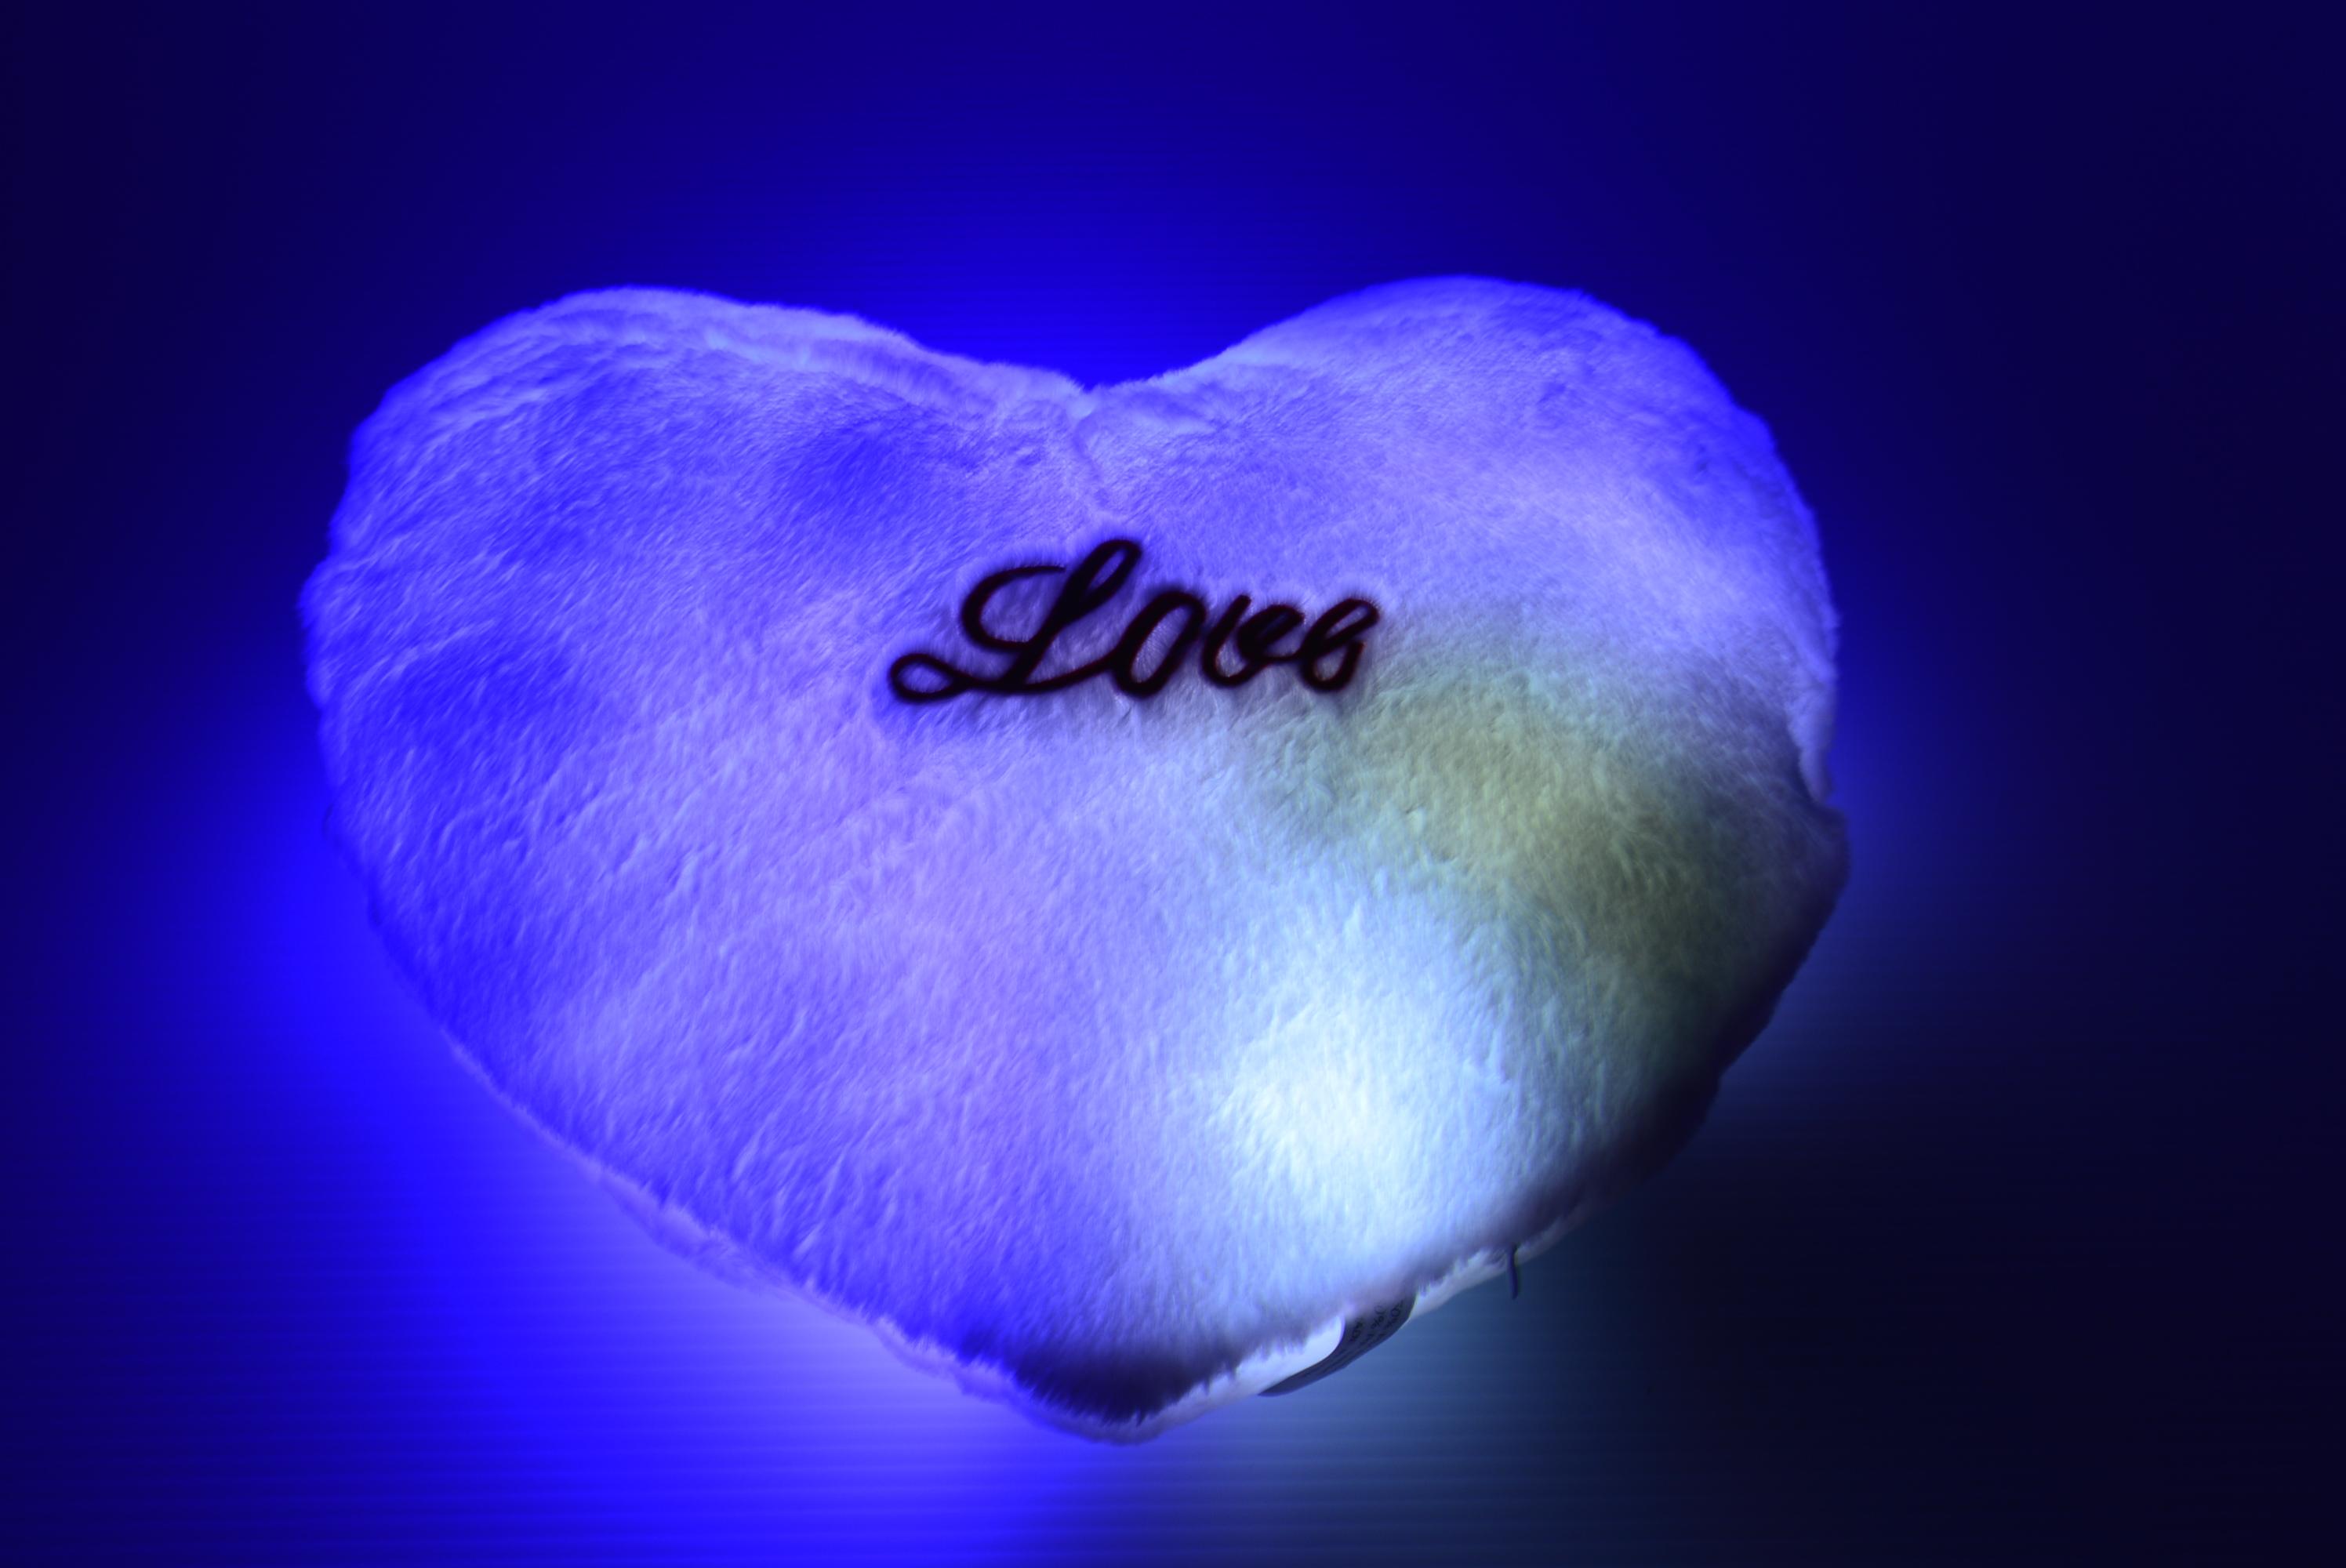 Led Light Up Heart Pillow Eternity Led